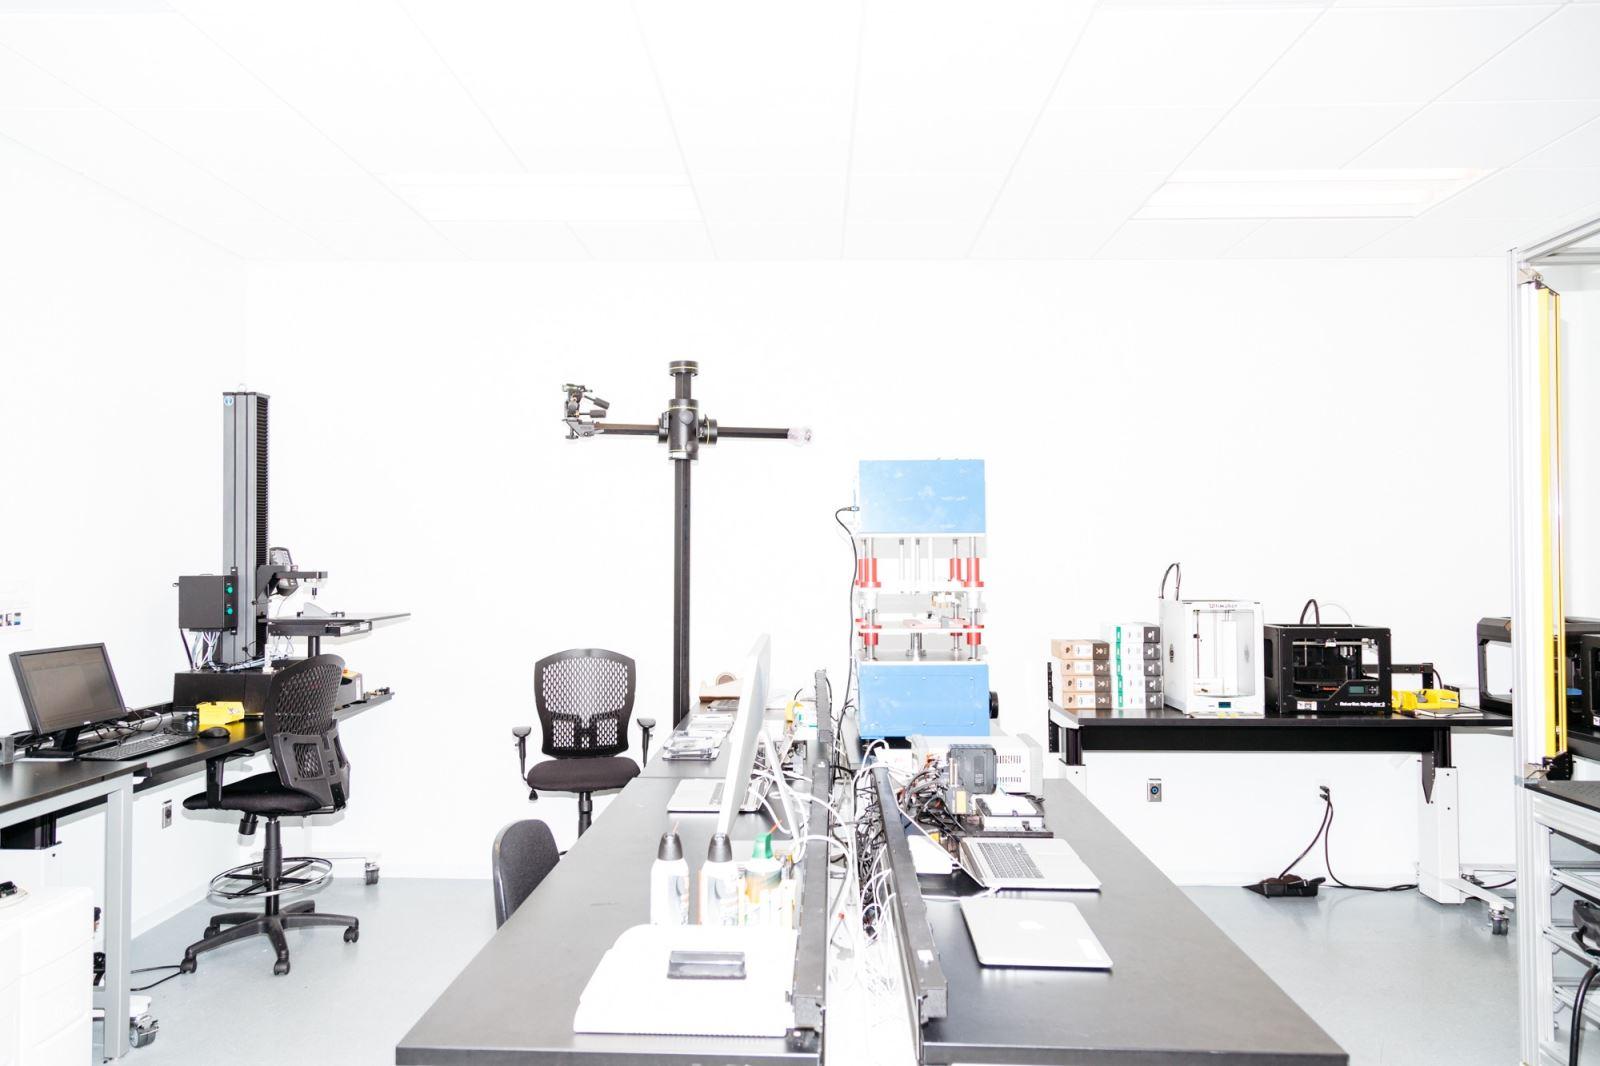 Tham quan phòng thí nghiệm tuyệt mật của Apple 9